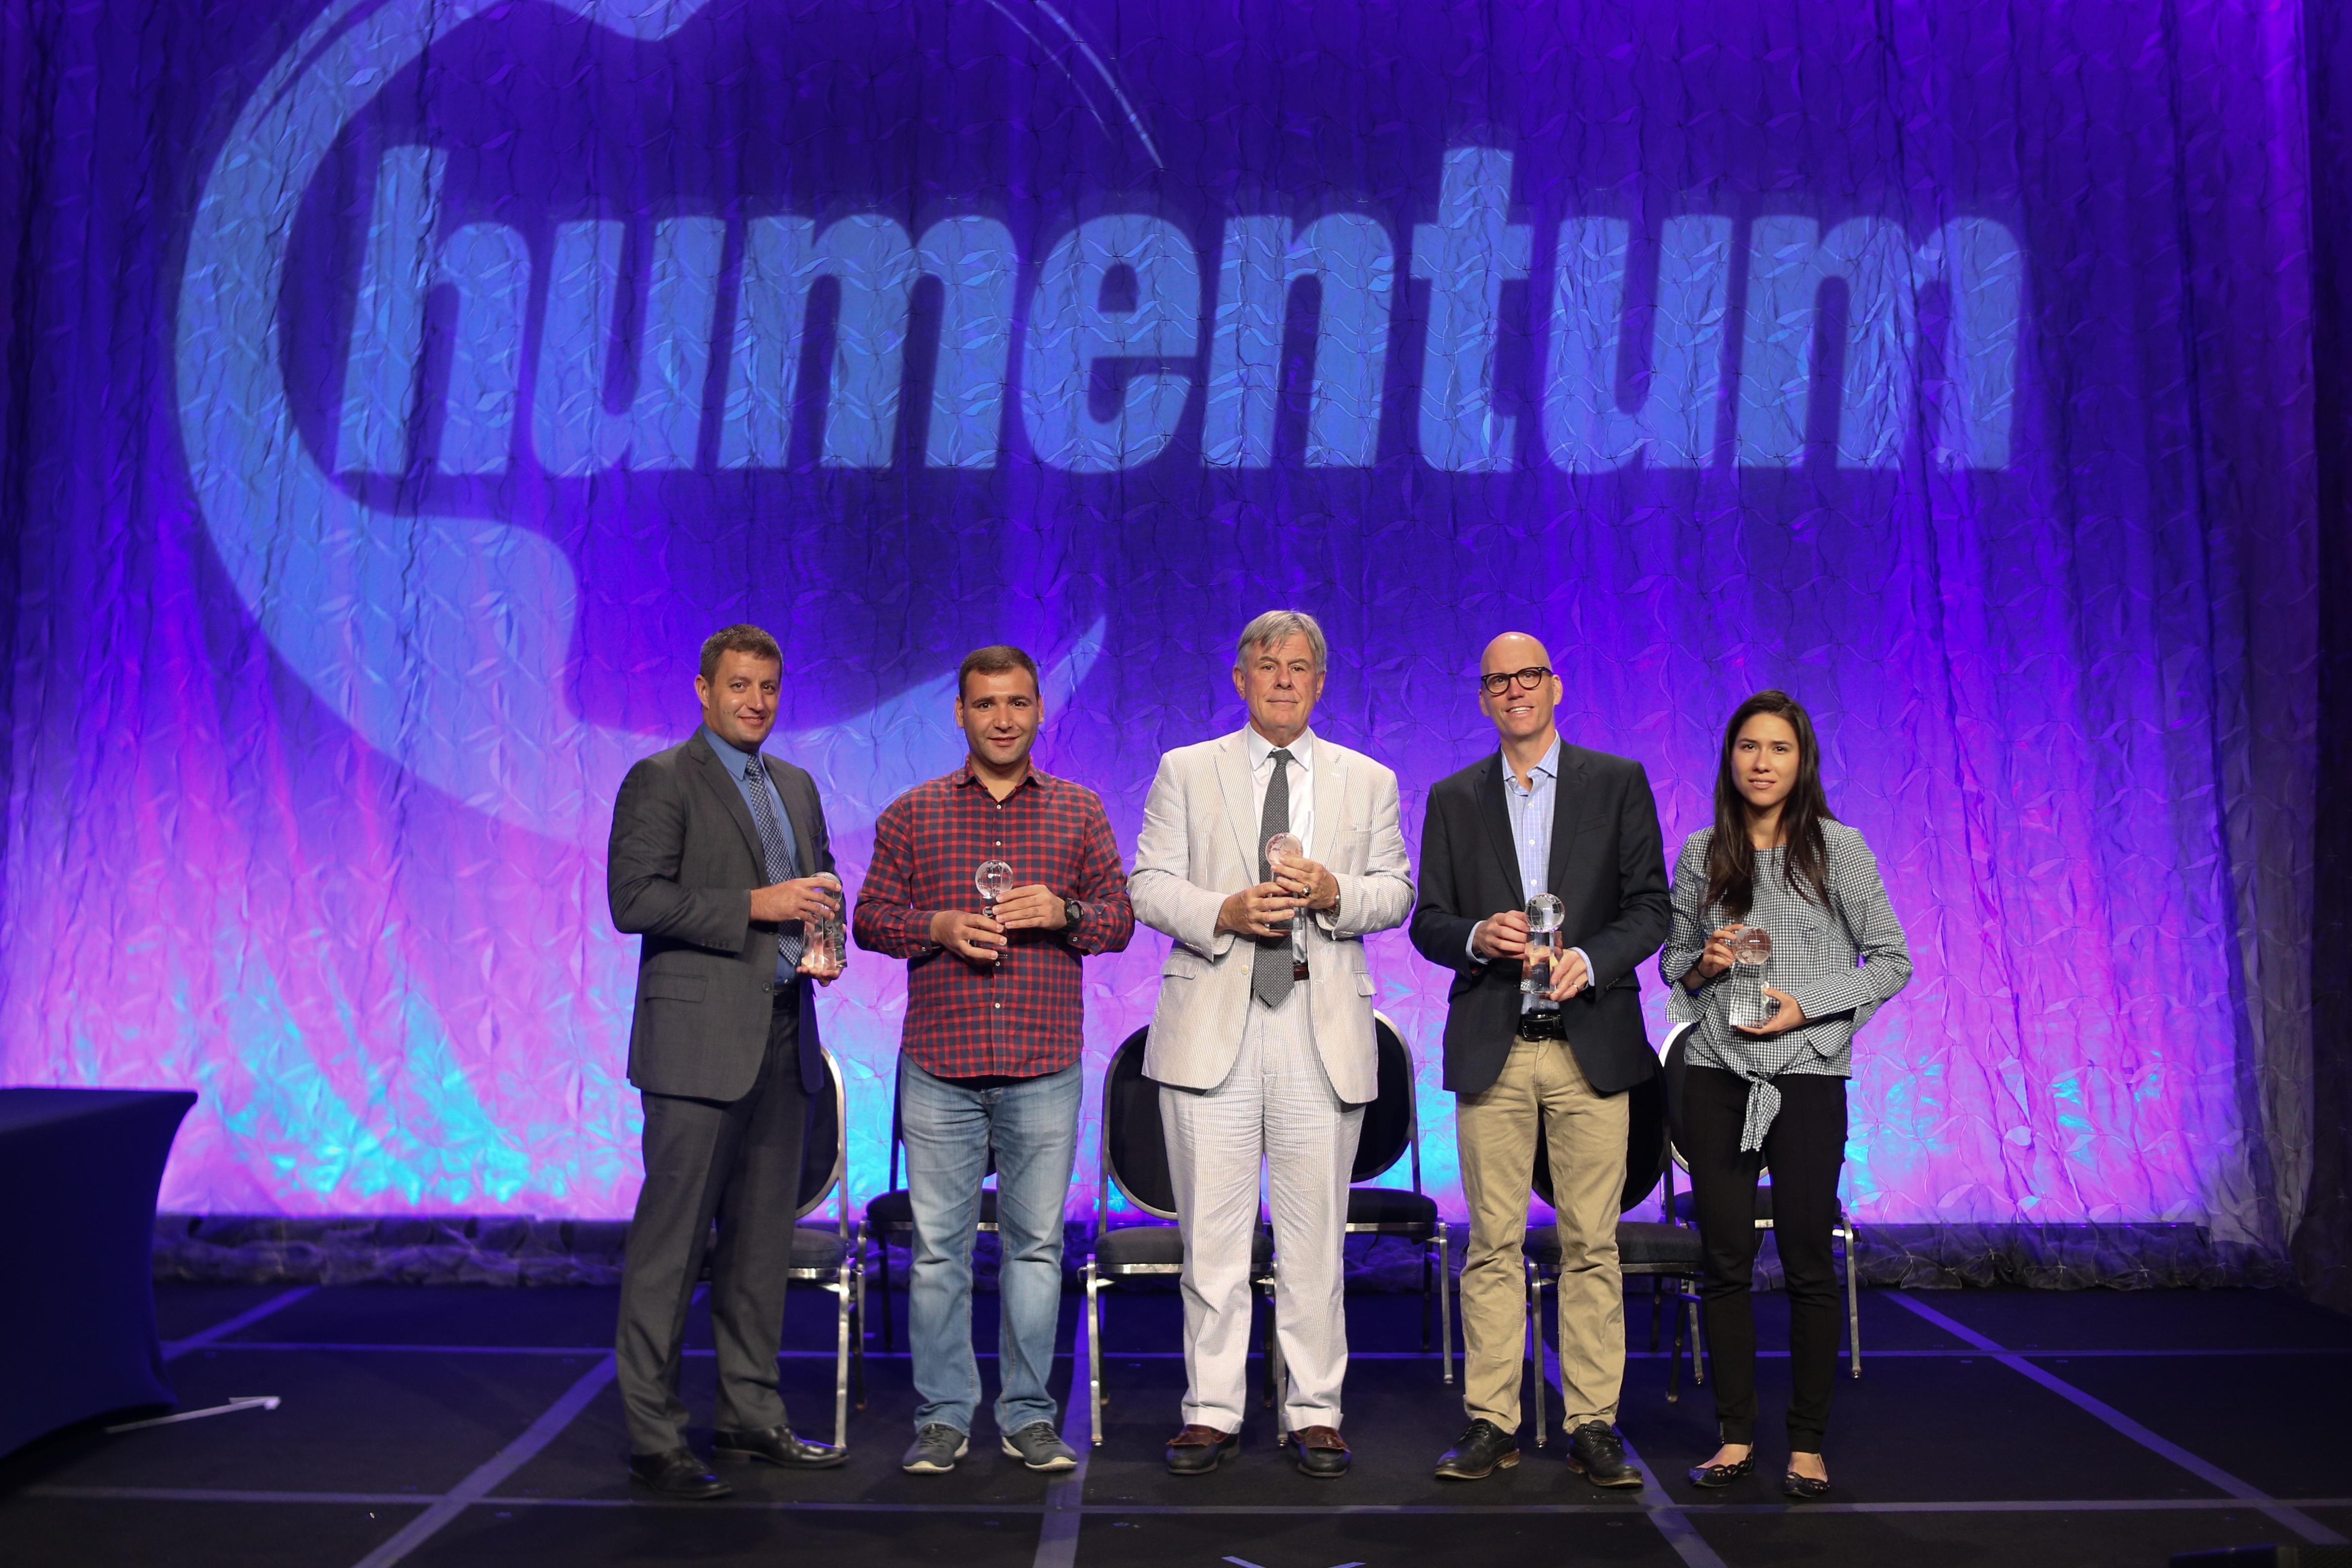 2018 Humentum Award winners.